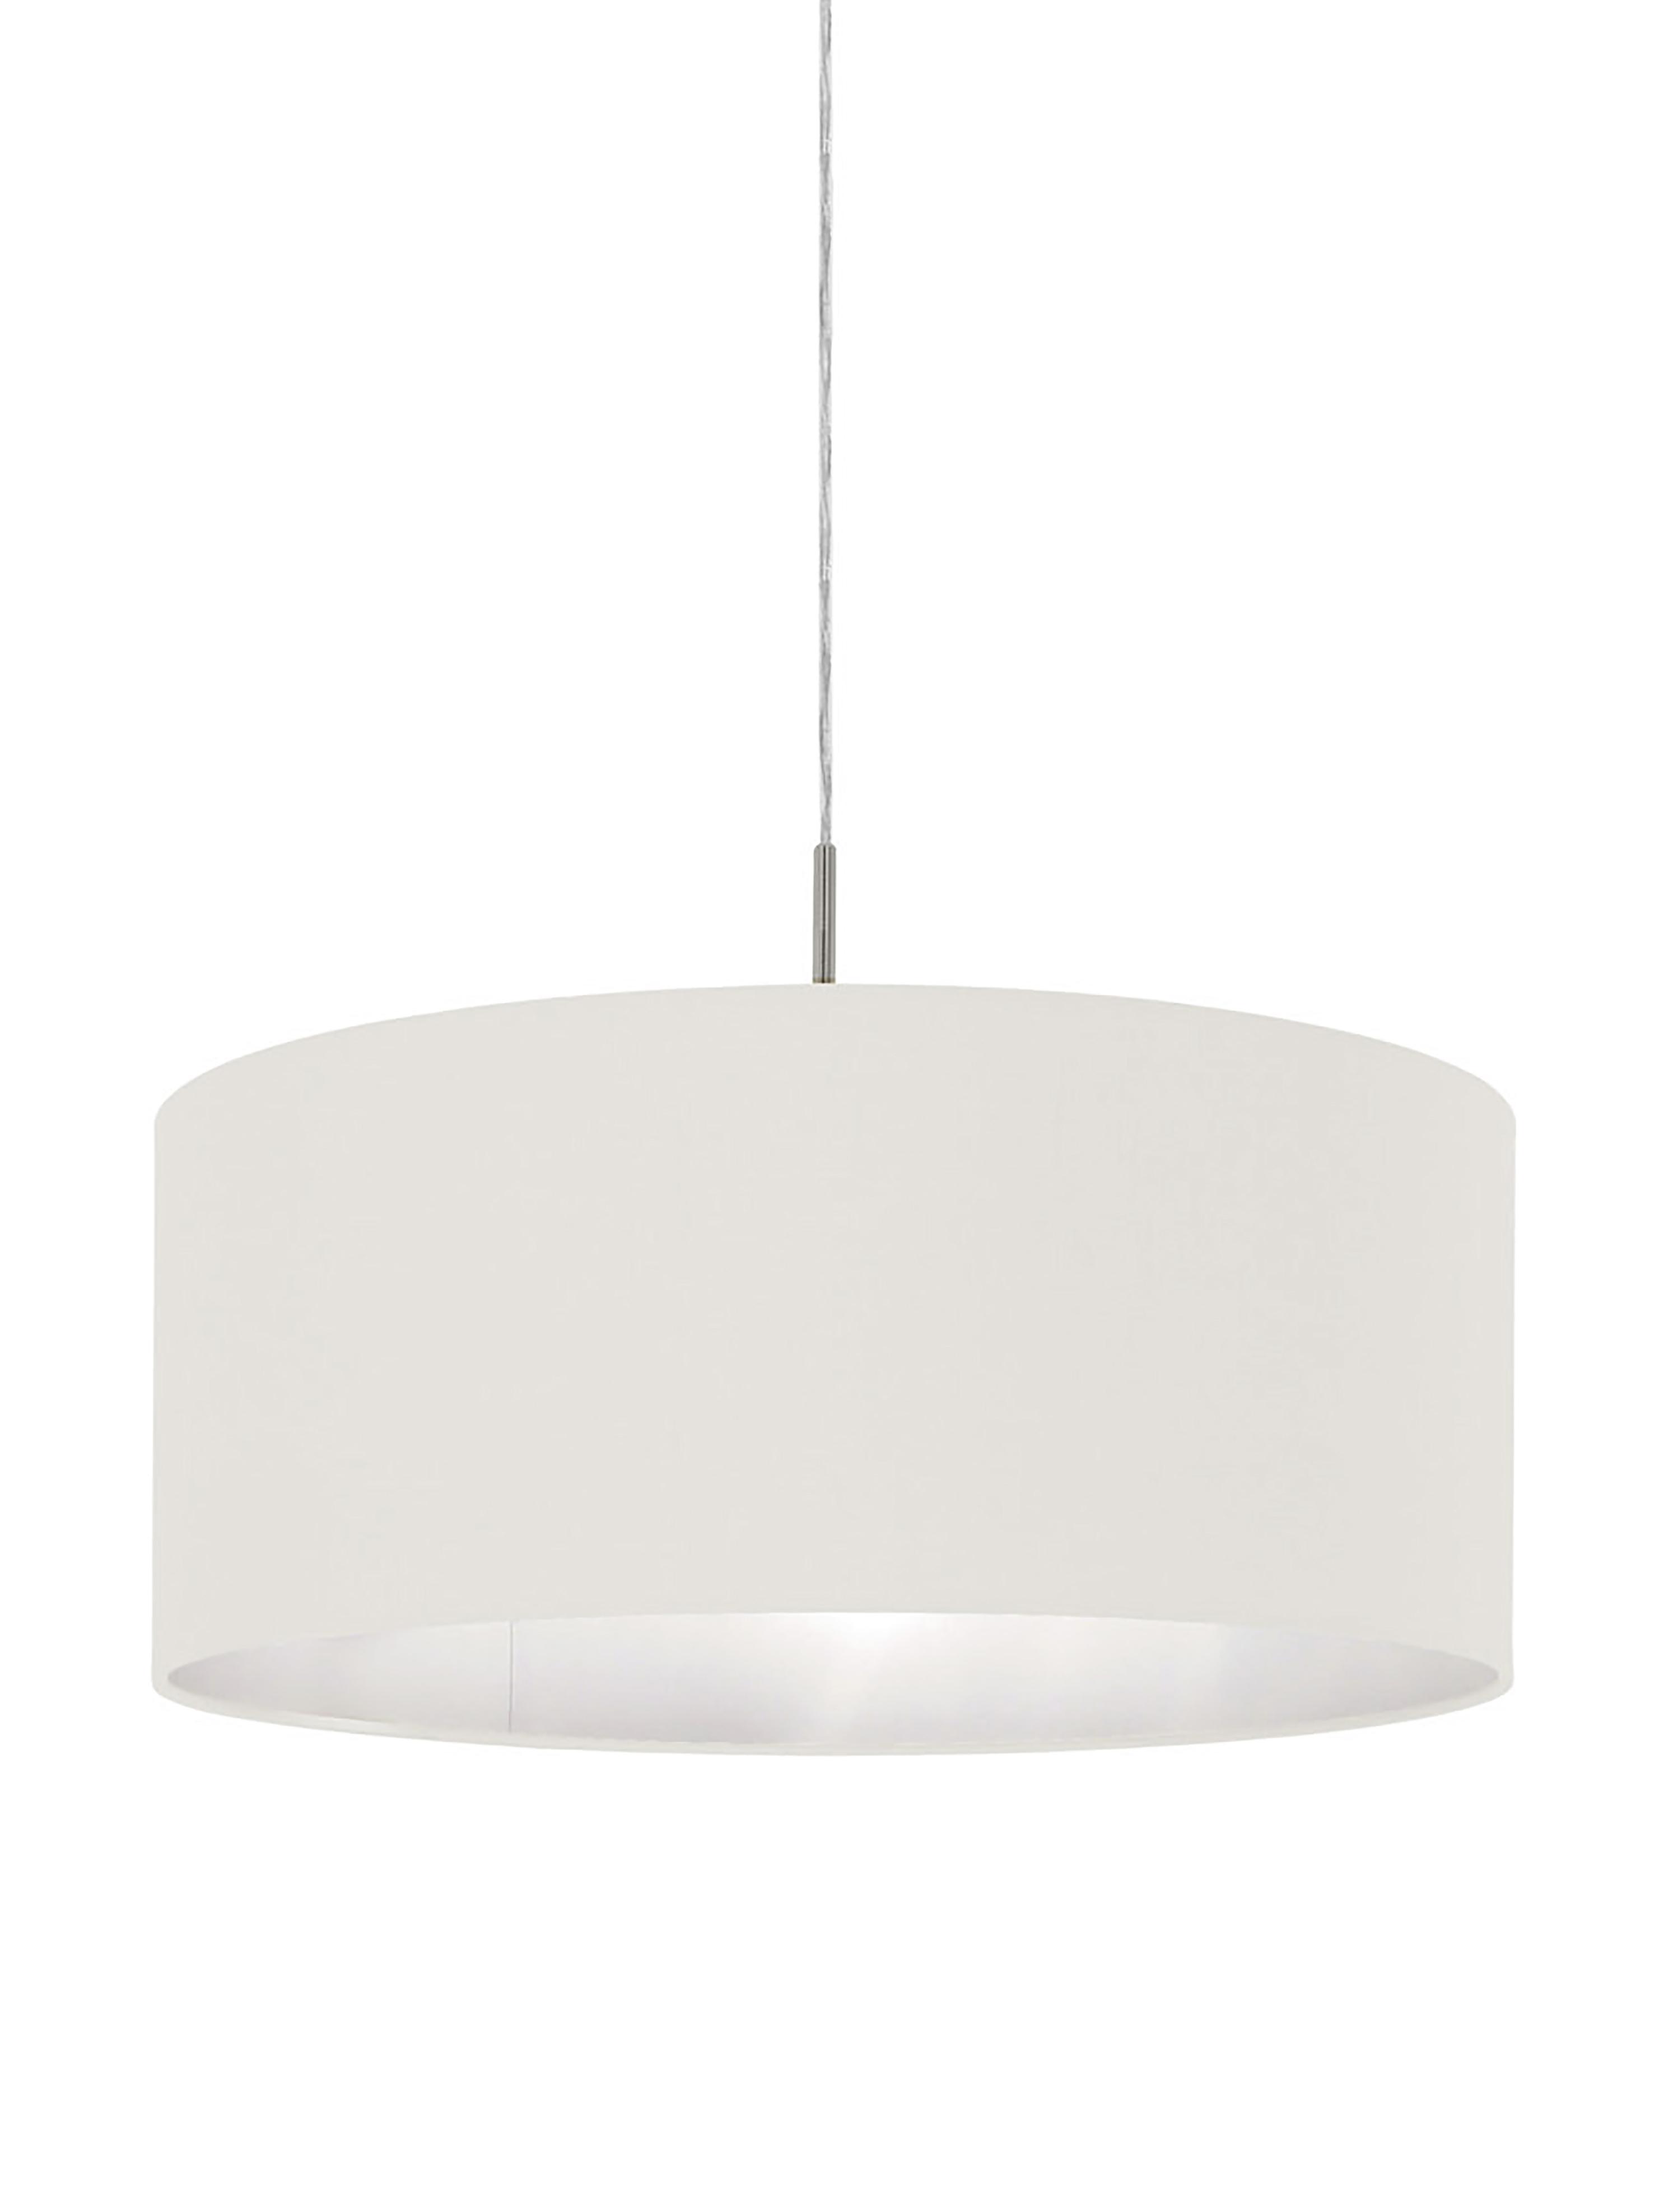 Lampa wisząca Parry, Odcienie srebrnego, biały, ∅ 53 x W 25 cm